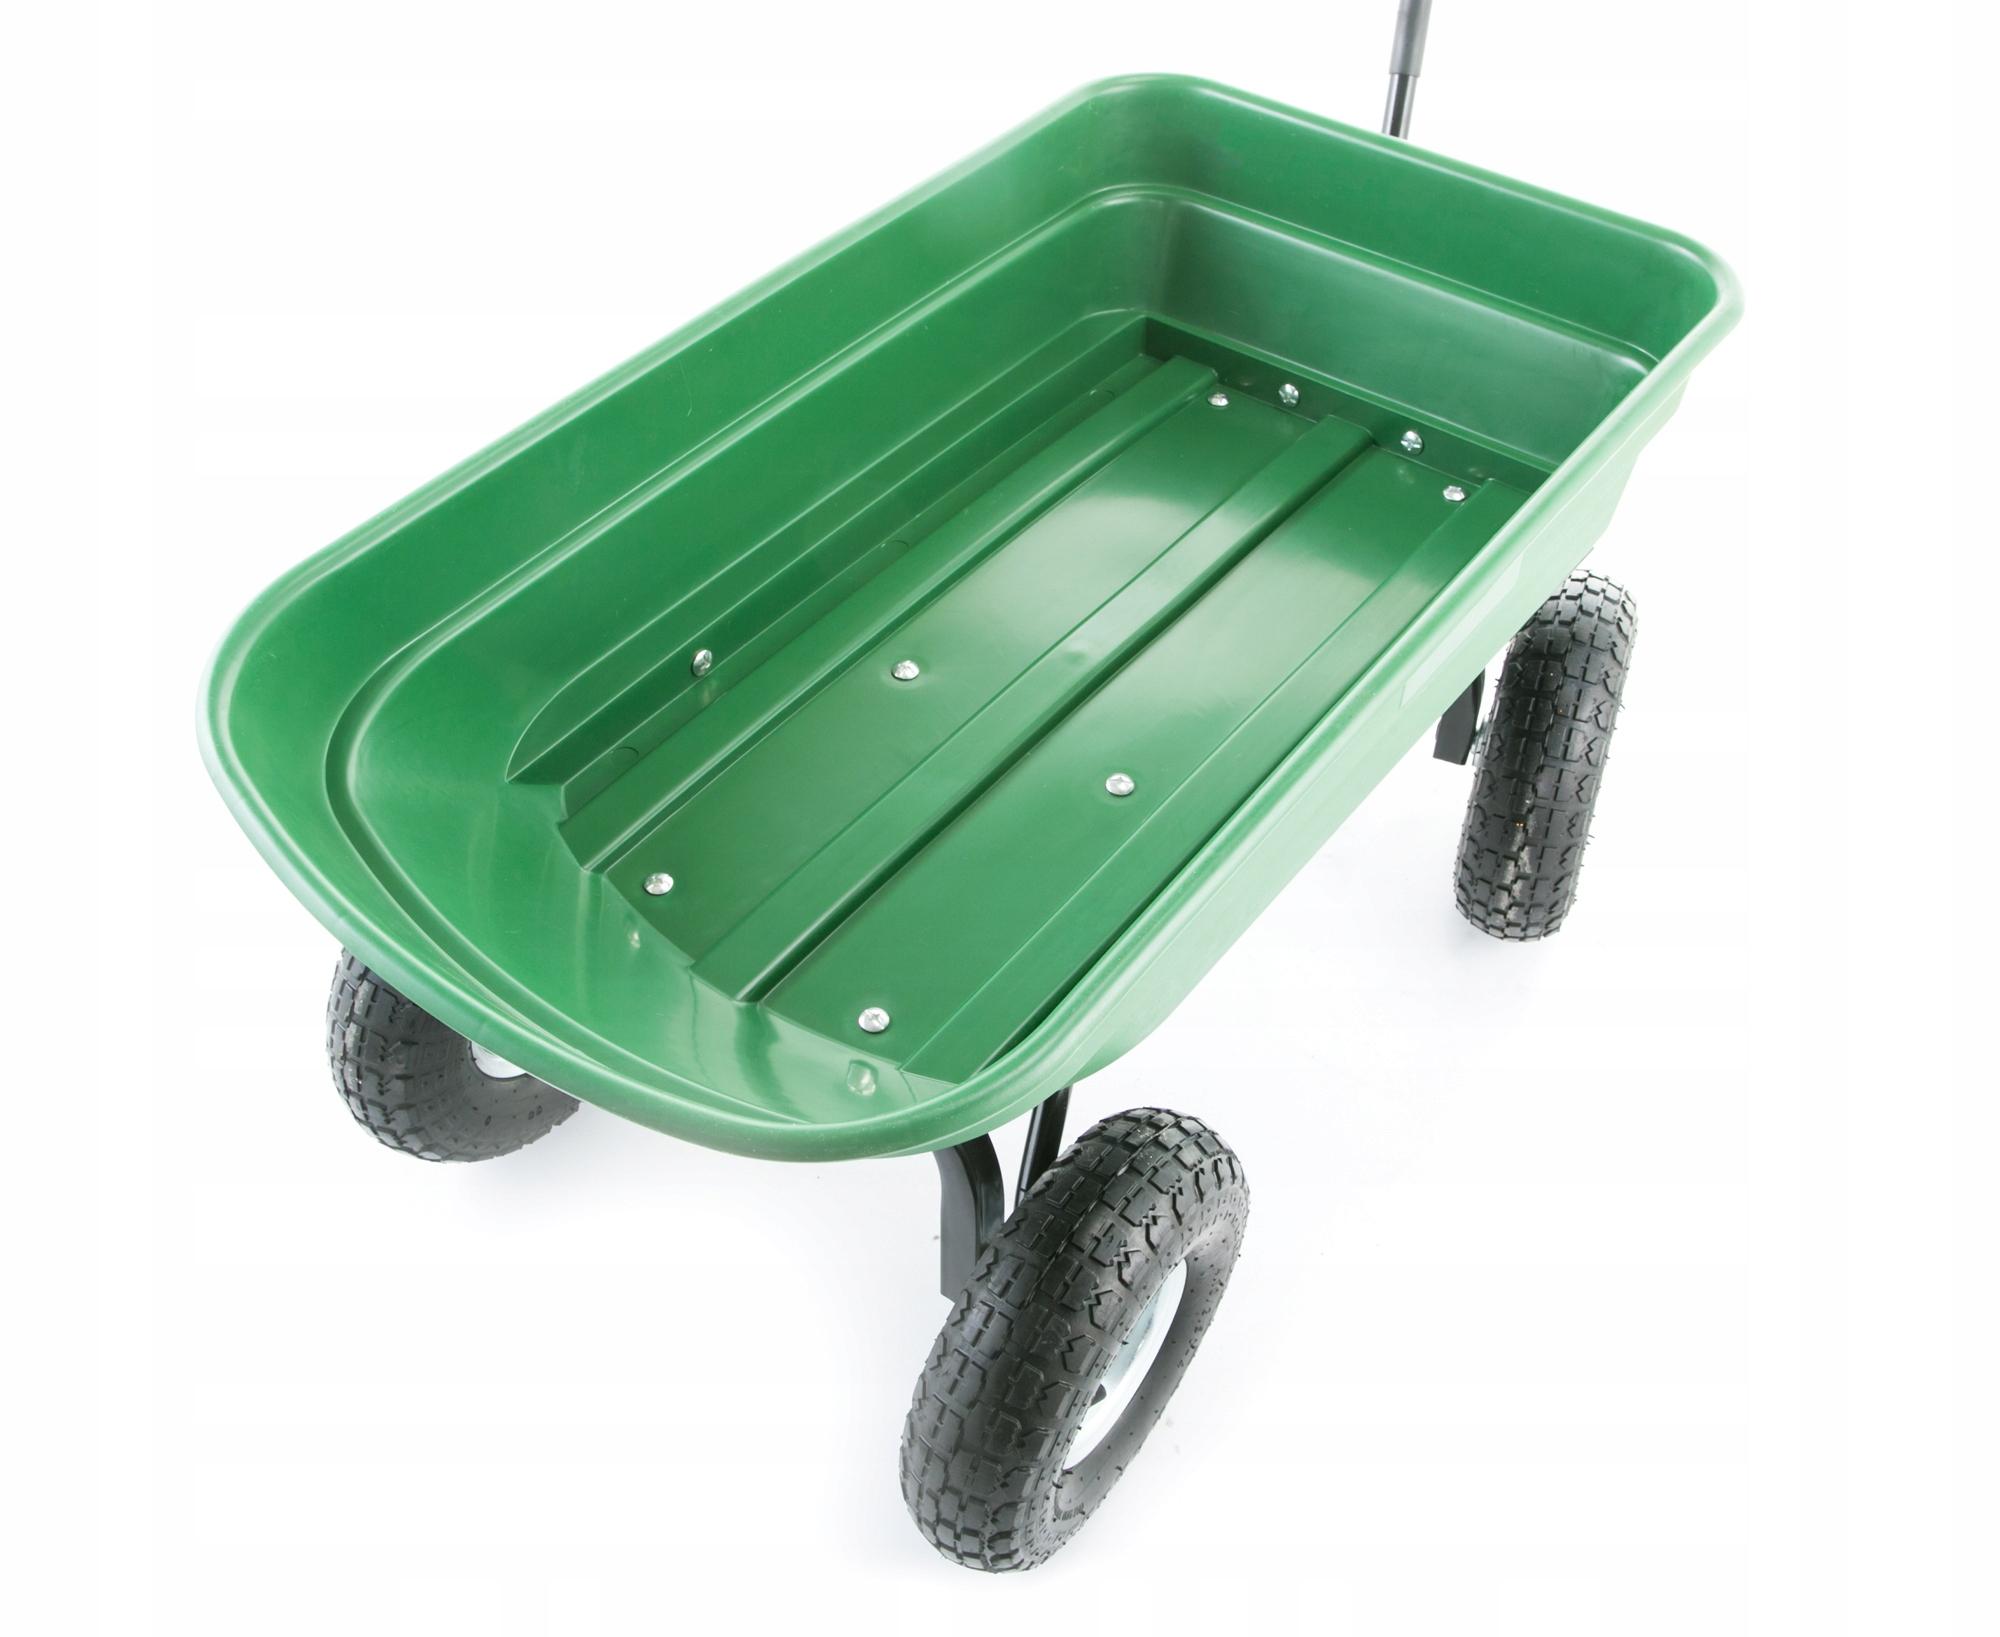 Taczka wózek ogrodowy transportowy wywrotka 350kg Waga produktu z opakowaniem jednostkowym 15 kg